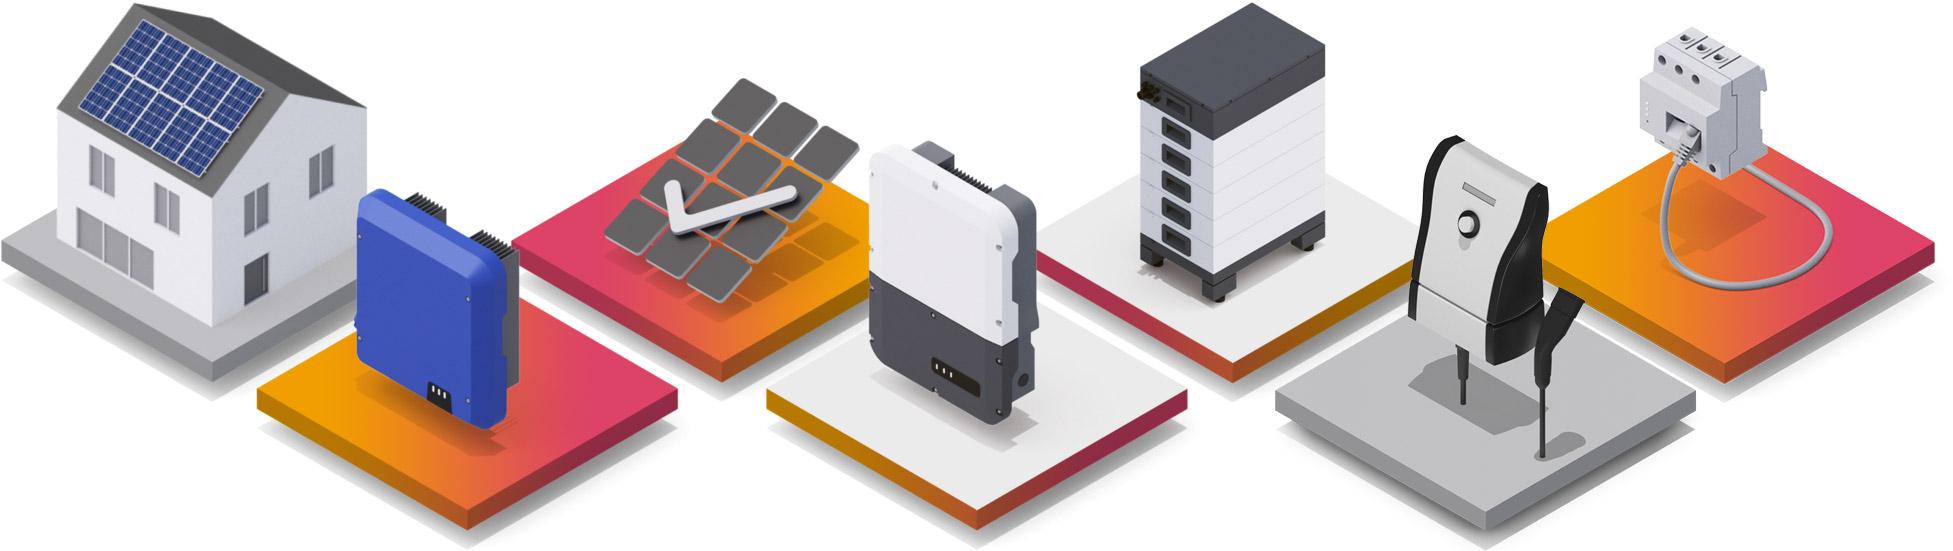 SMA Energy System permet une extension de l'installation à tout moment grâce à sa structure modulaire.